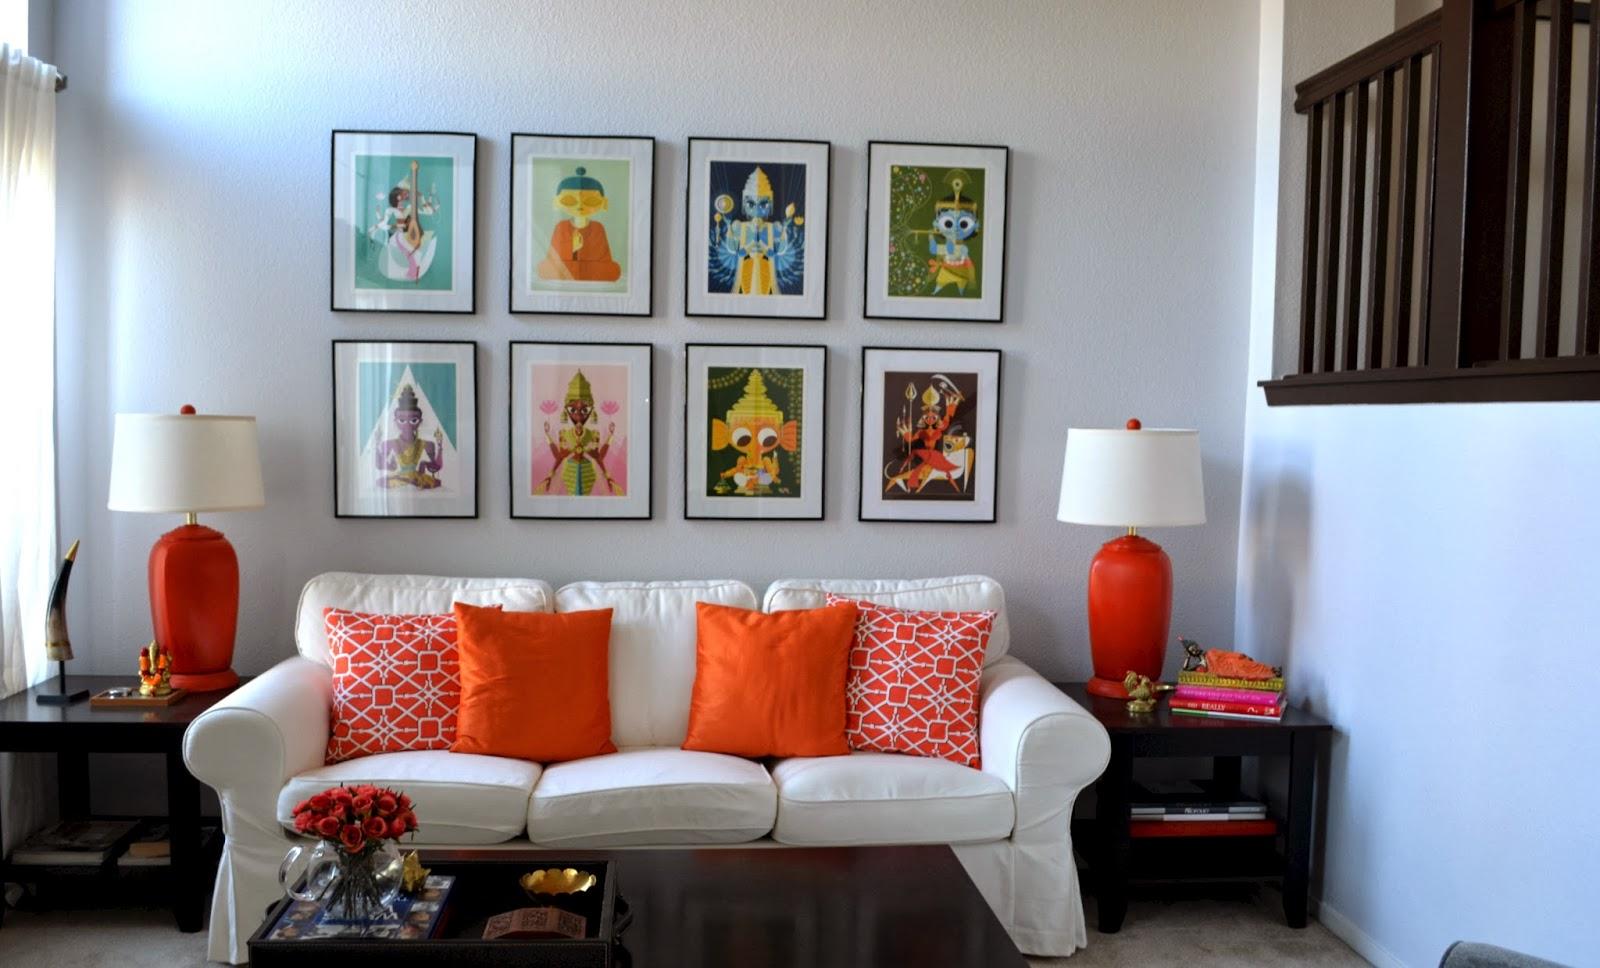 For A Living Room Makeover Weekend Tweaks Living Room Makeover